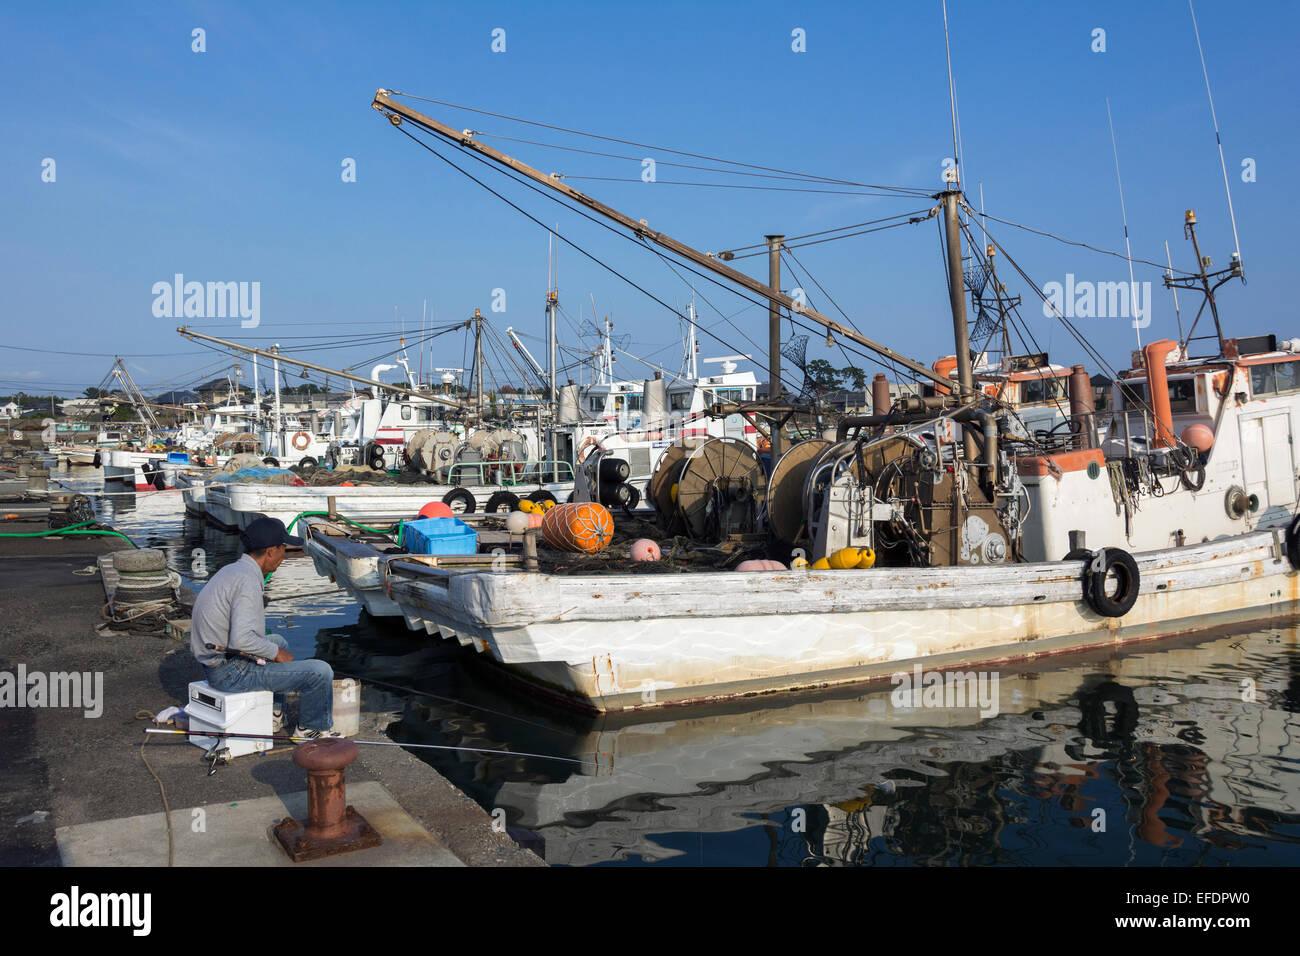 Hombre que pesca el modo low tech junto a algunos barcos de pesca de alta tecnología, Naruto Harbour, la isla Imagen De Stock